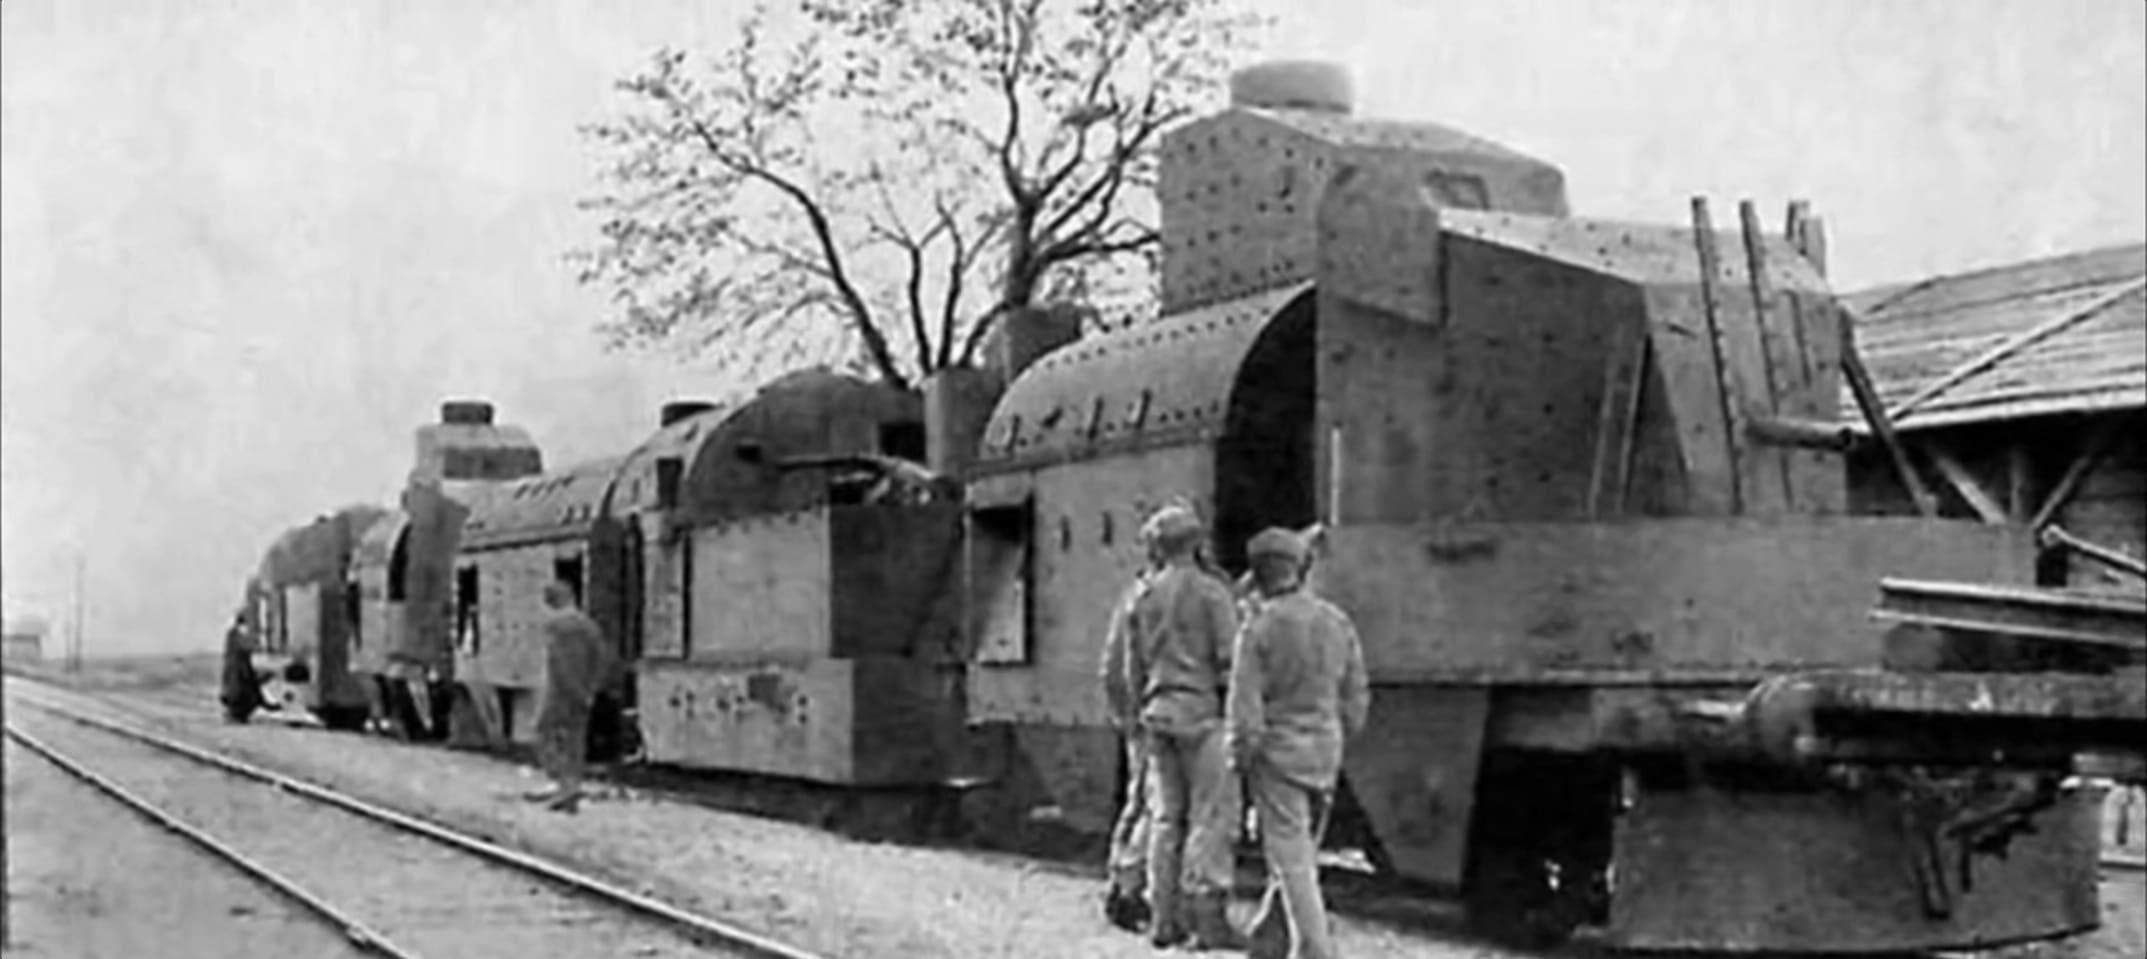 Однотипный польский бронепоезд без зенитной площадки и бронированного салона на станции Брест-4